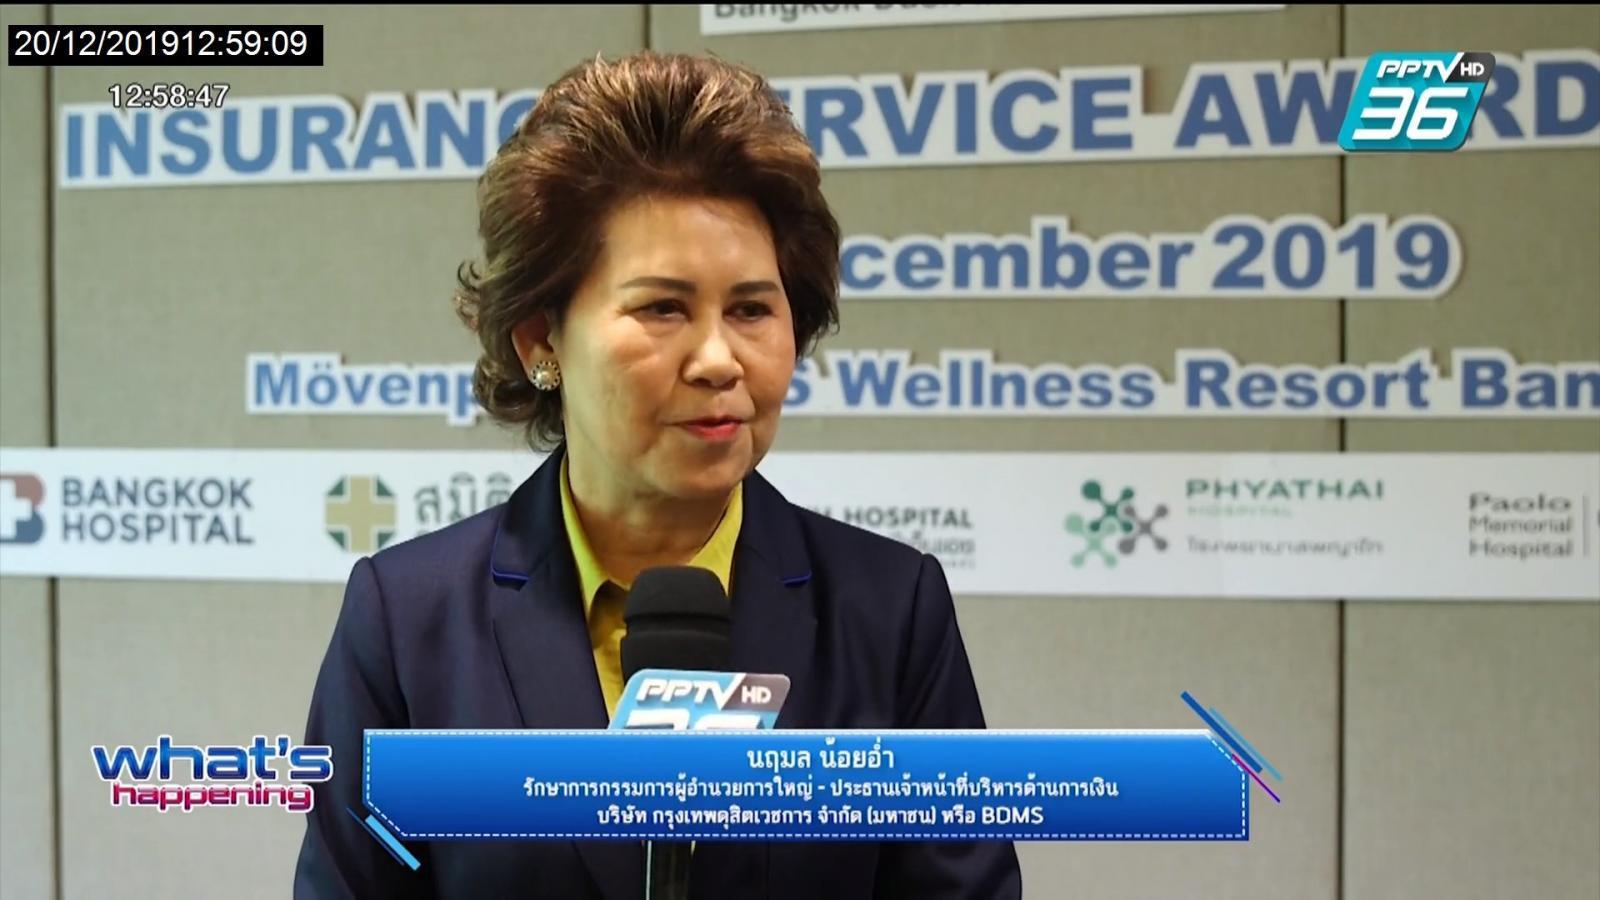 BDMS ขานรับนโยบายรัฐ หนุนไทยสู่ศูนย์การบริการด้านสุขภาพ